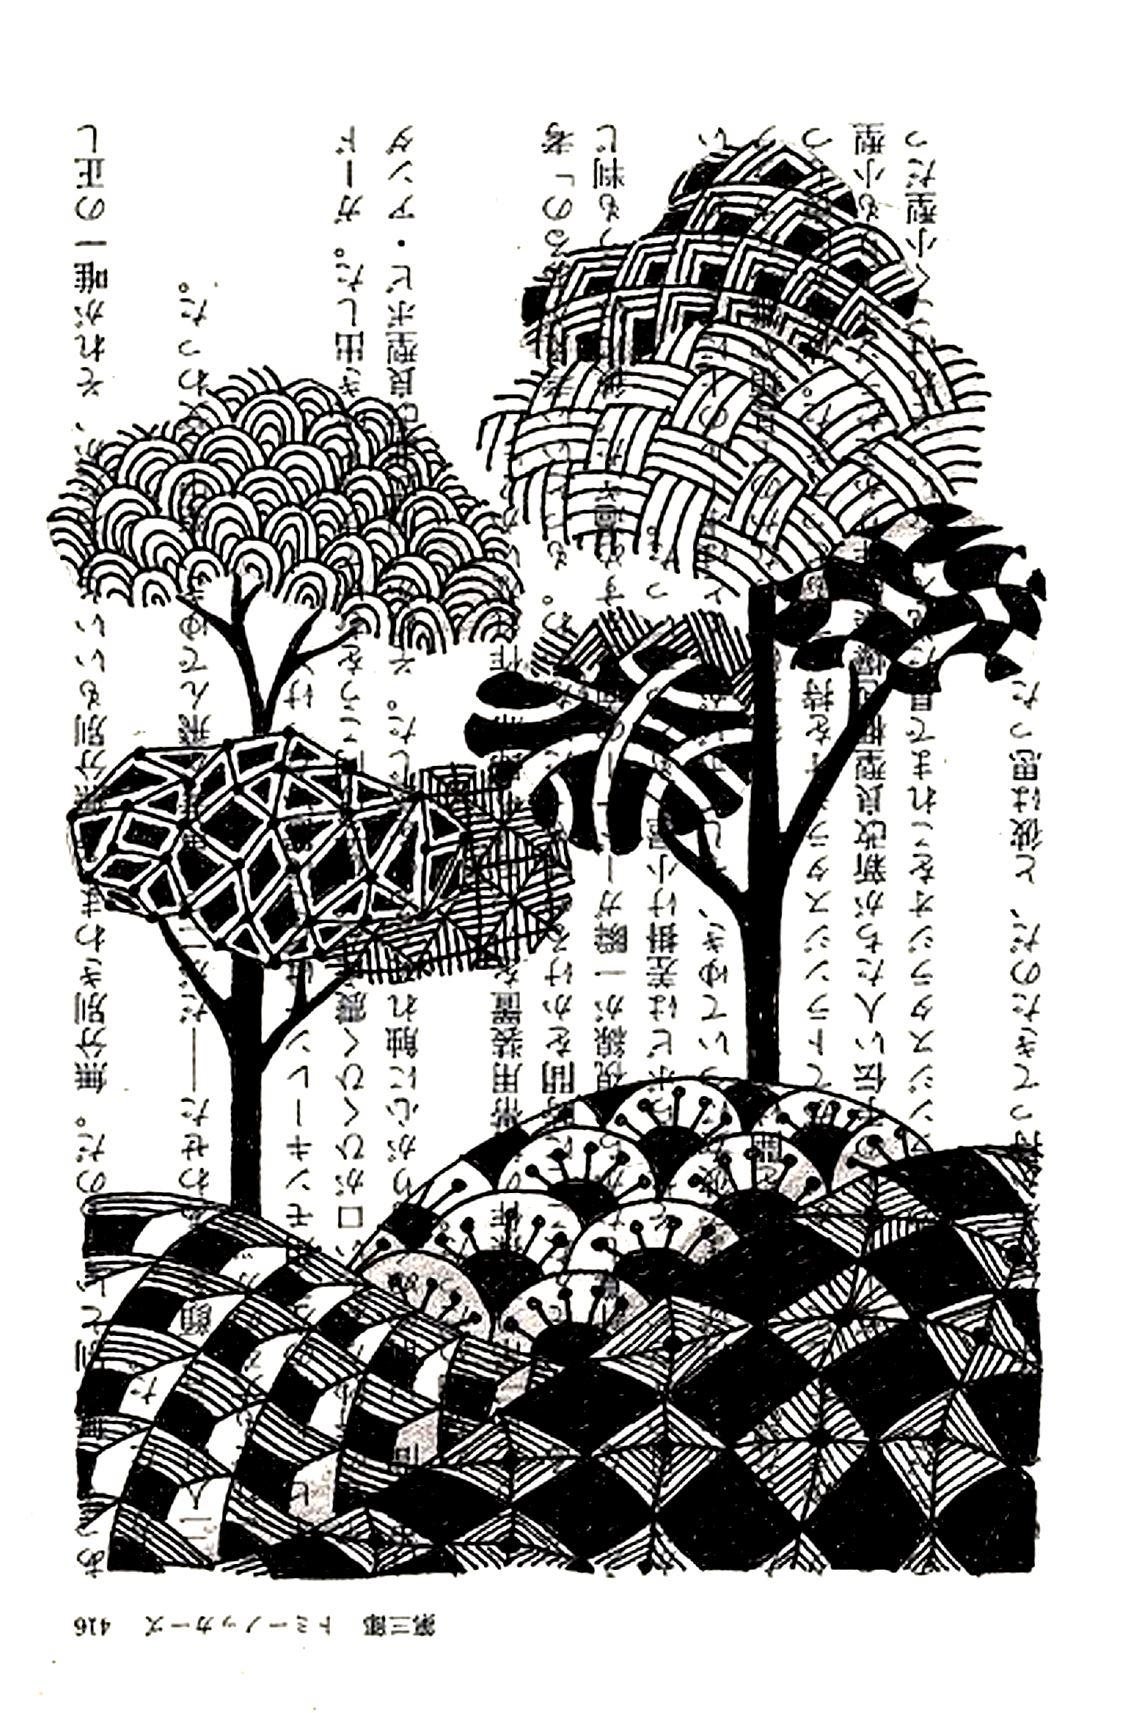 Dessin style chinois arbres encre de chineA partir de la galerie : Chine Asie